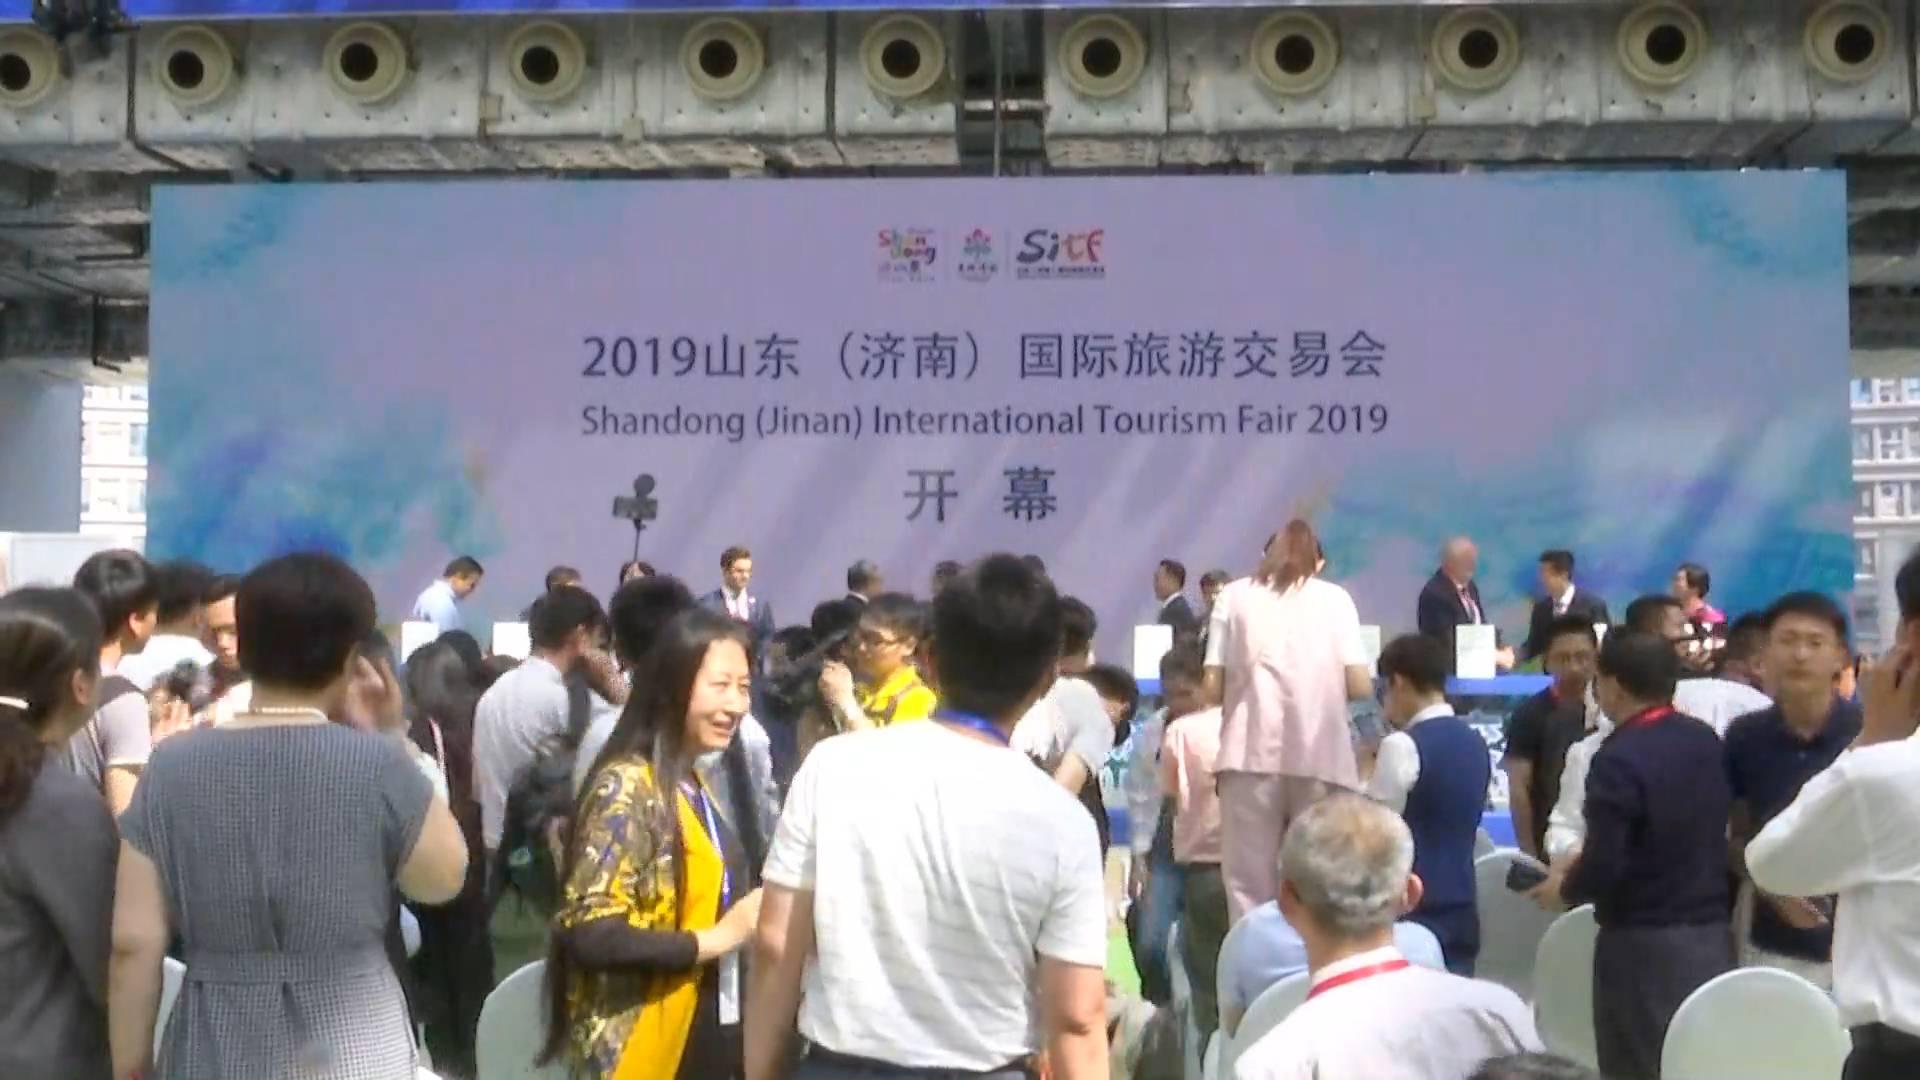 30余个国家和地区参展!2019山东(济南)国际旅游交易会开幕